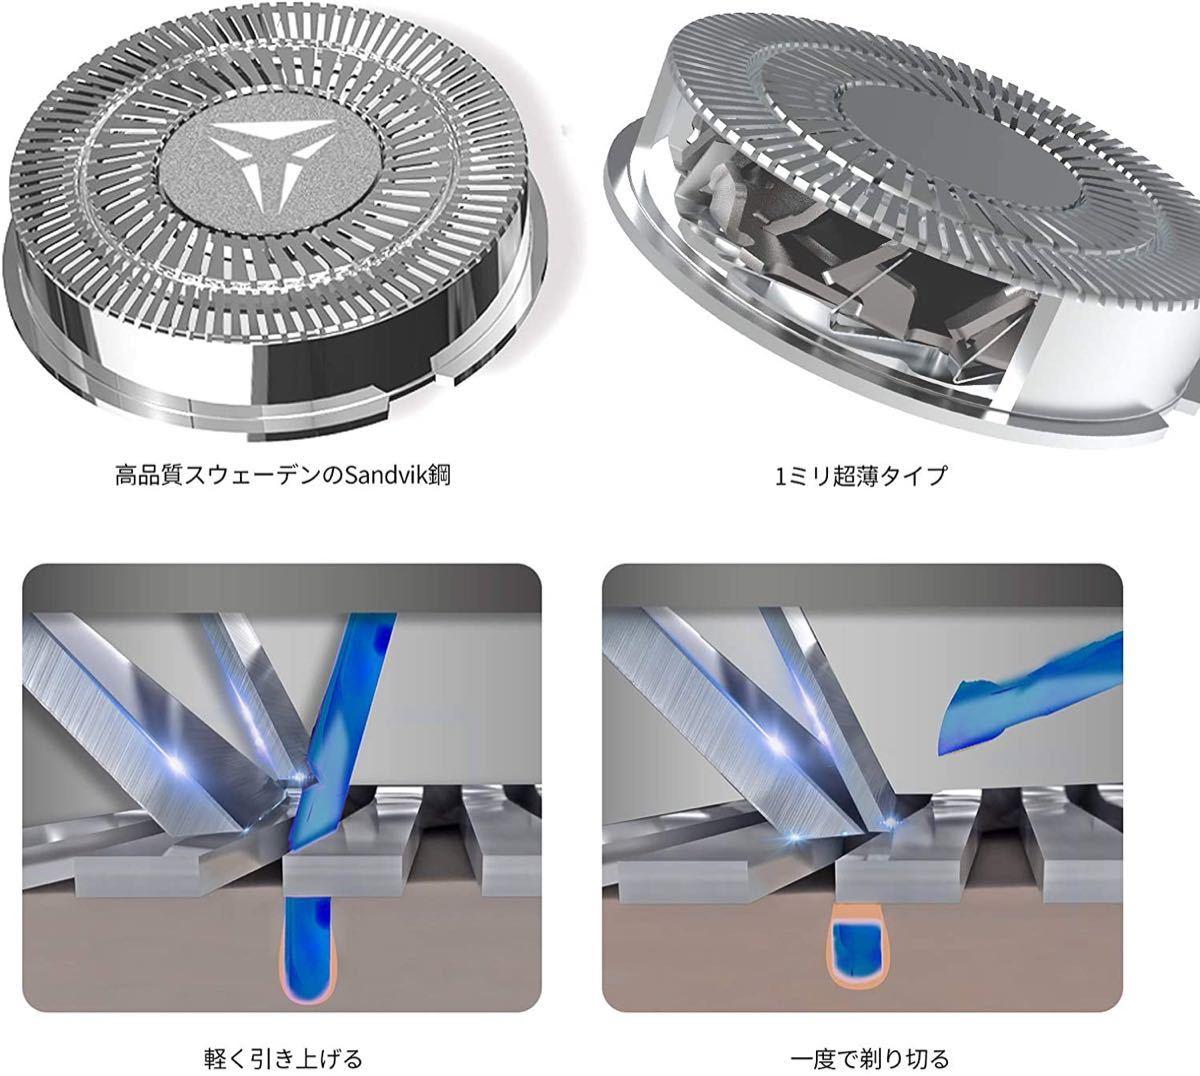 メンズ 電気シェーバー電気カミソリ ひげそり メンズ 回転式3枚刃 5D浮上刃